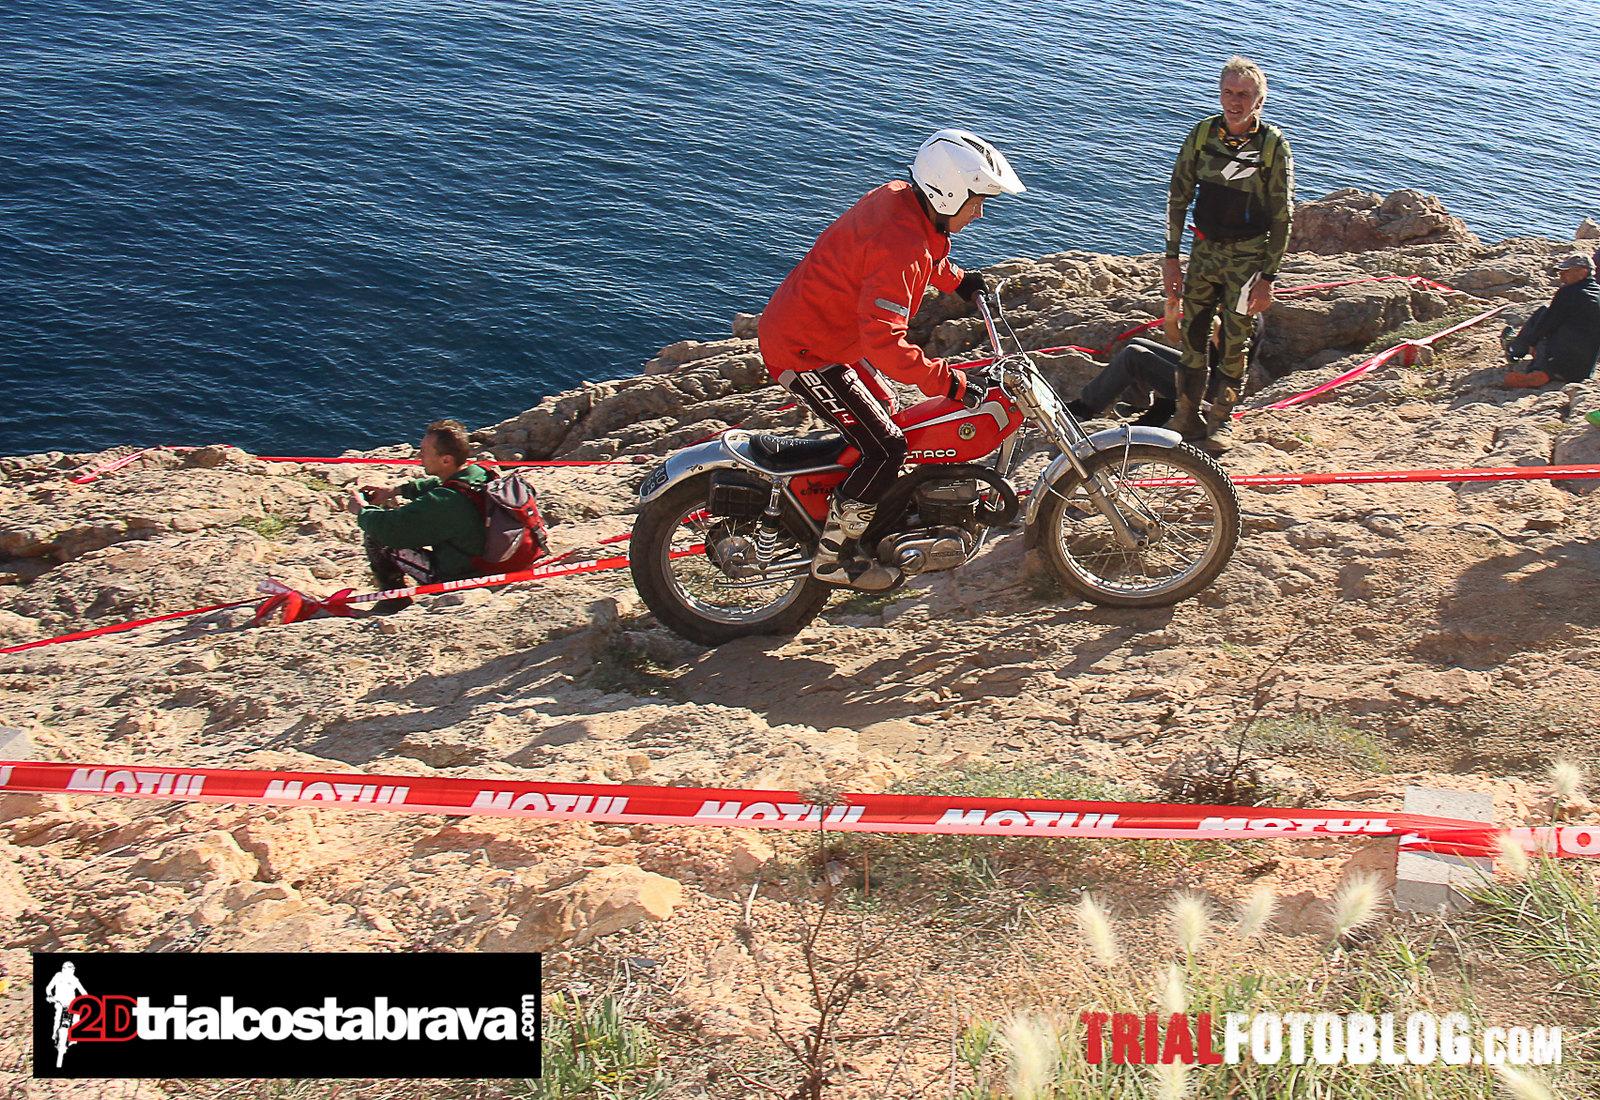 2d Trial Costa Brava 2017 (dia 2 - day 2)